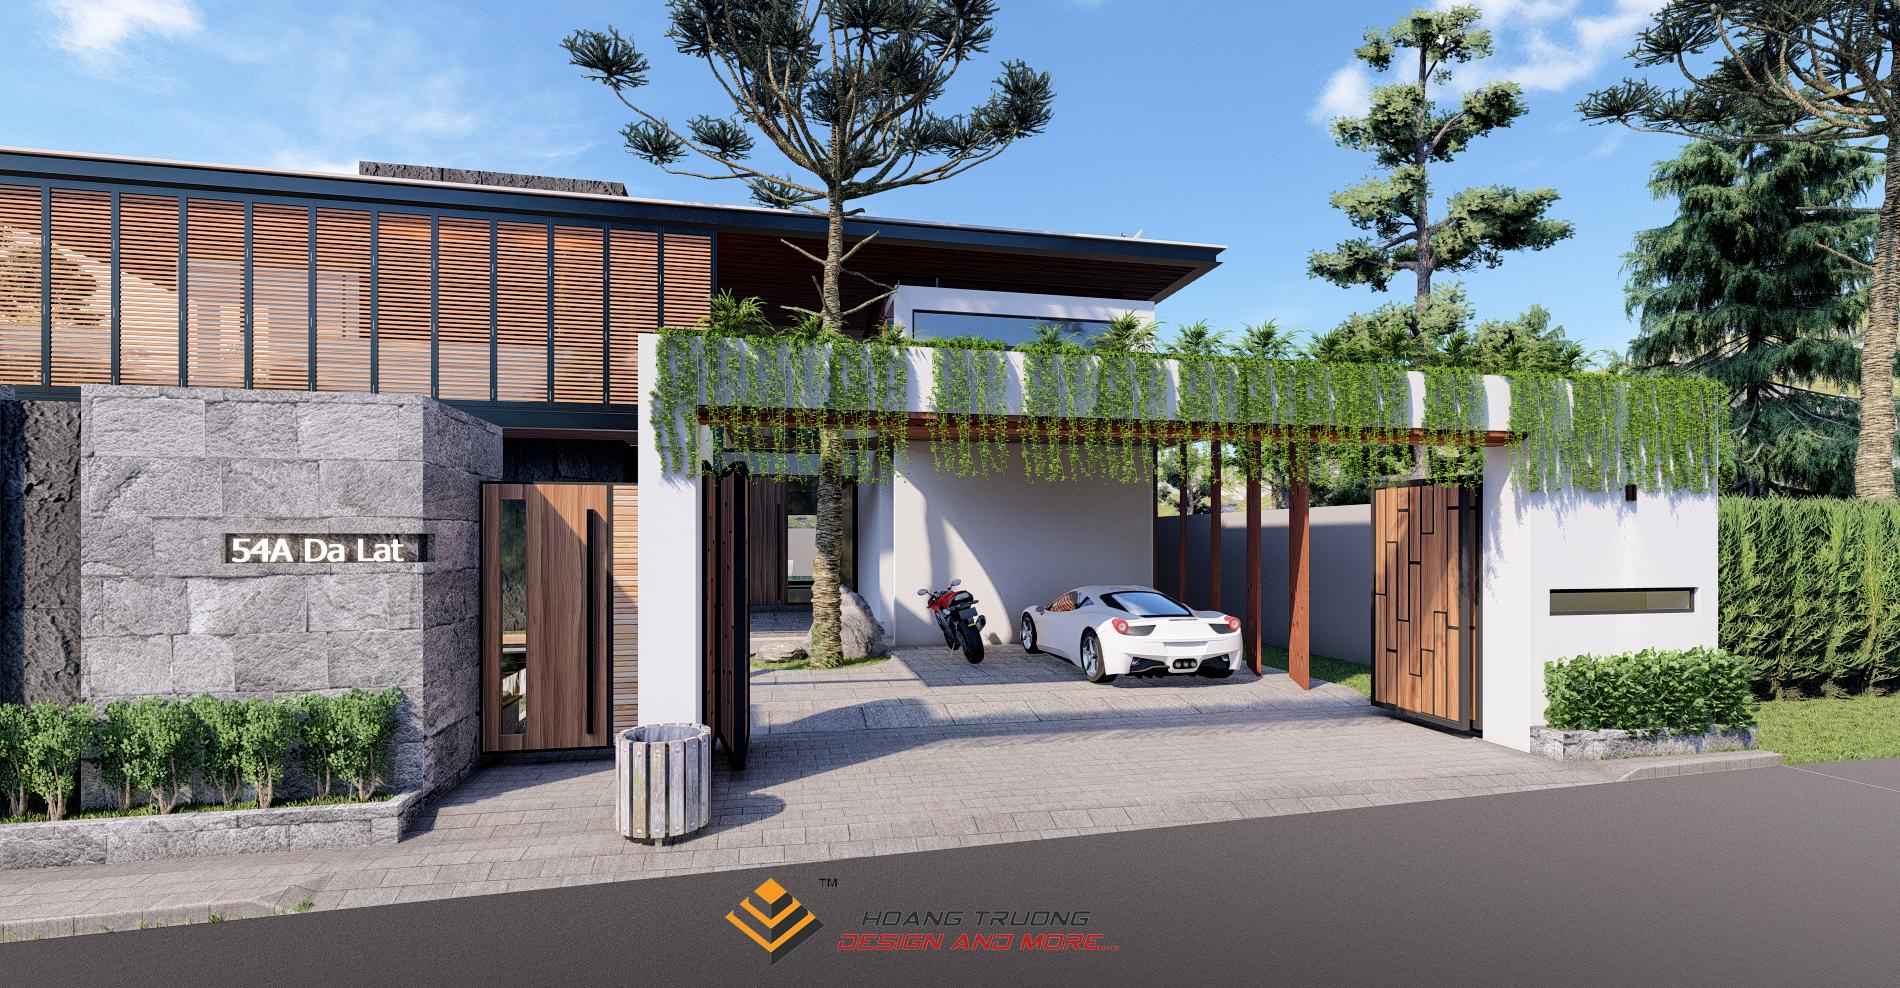 Thiết kế nội thất Biệt Thự tại Lâm Đồng Biệt thự Đà Lạt 1574782280 1